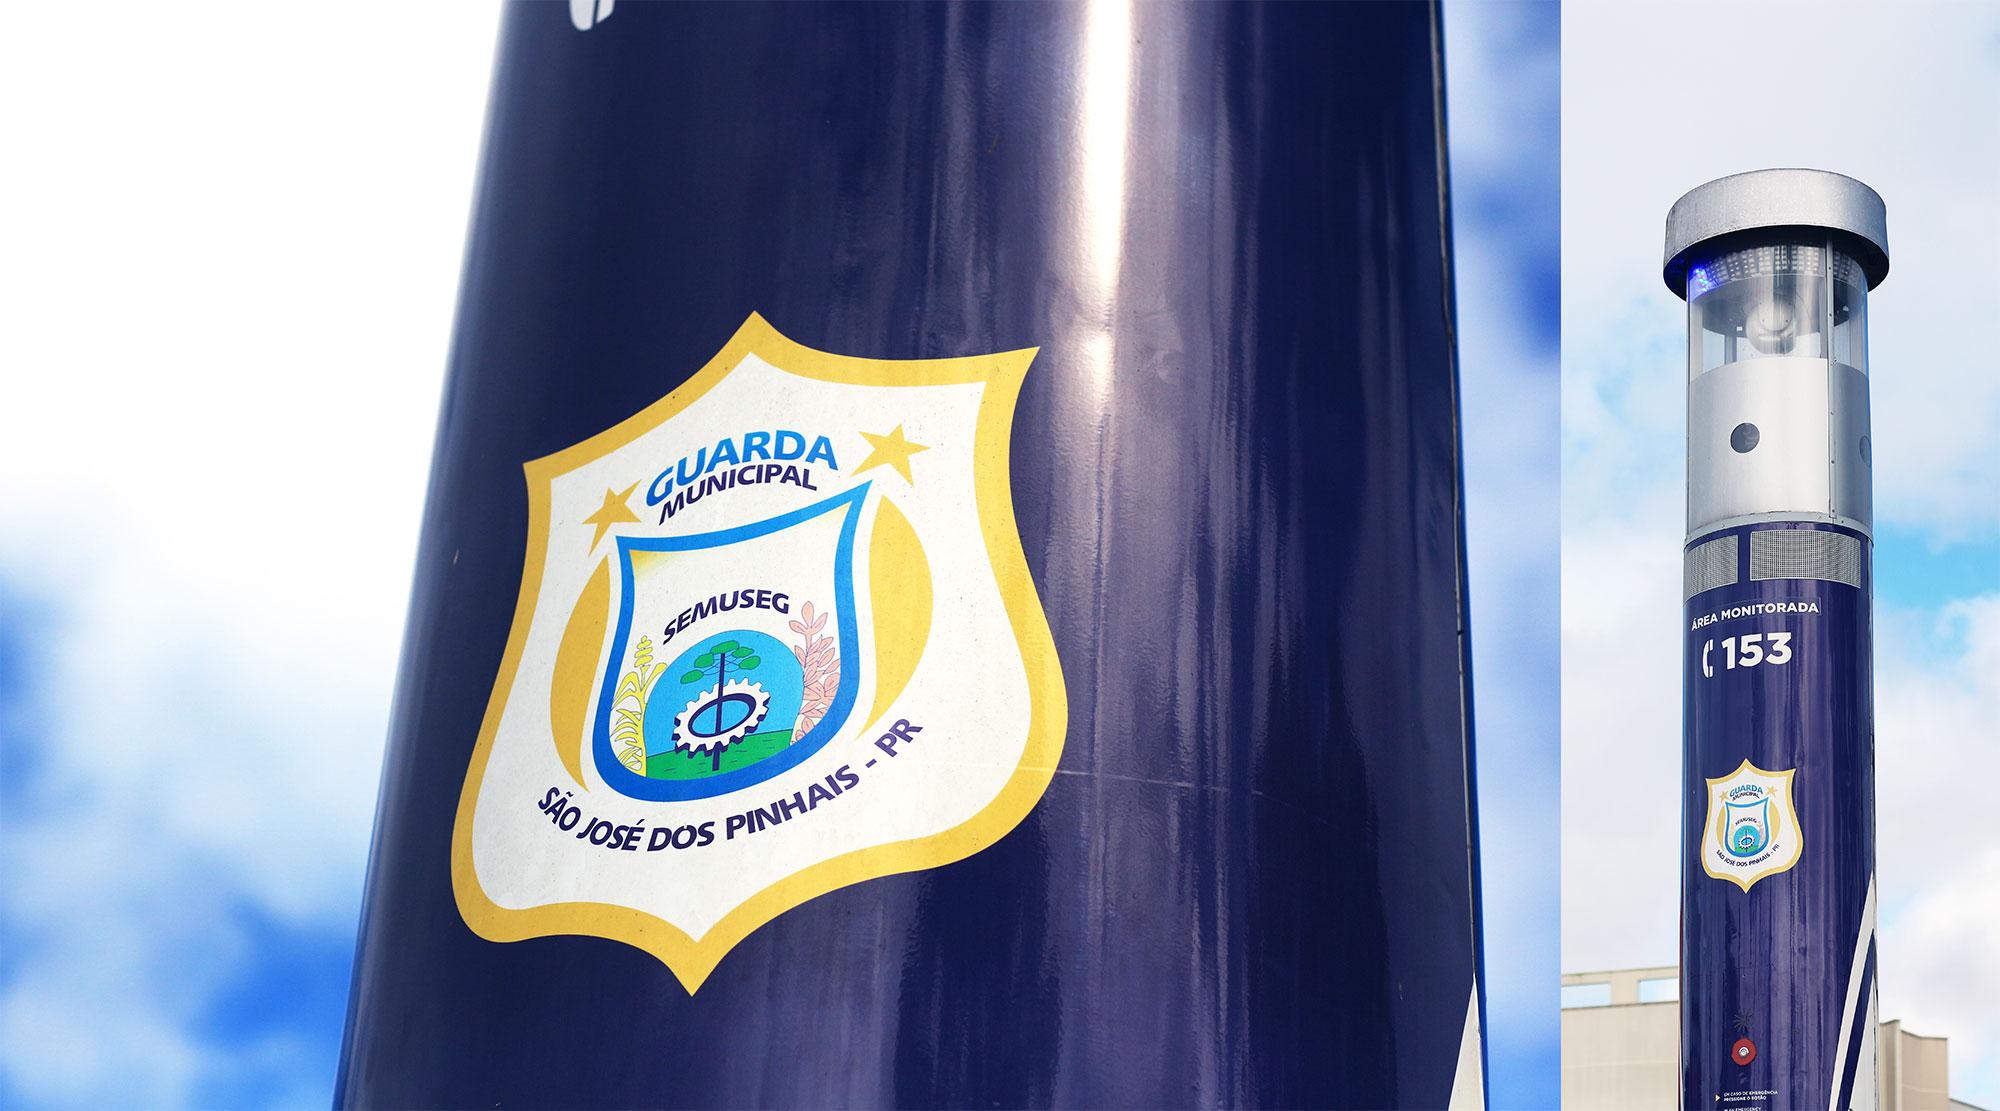 ACIAP - São José dos Pinhais